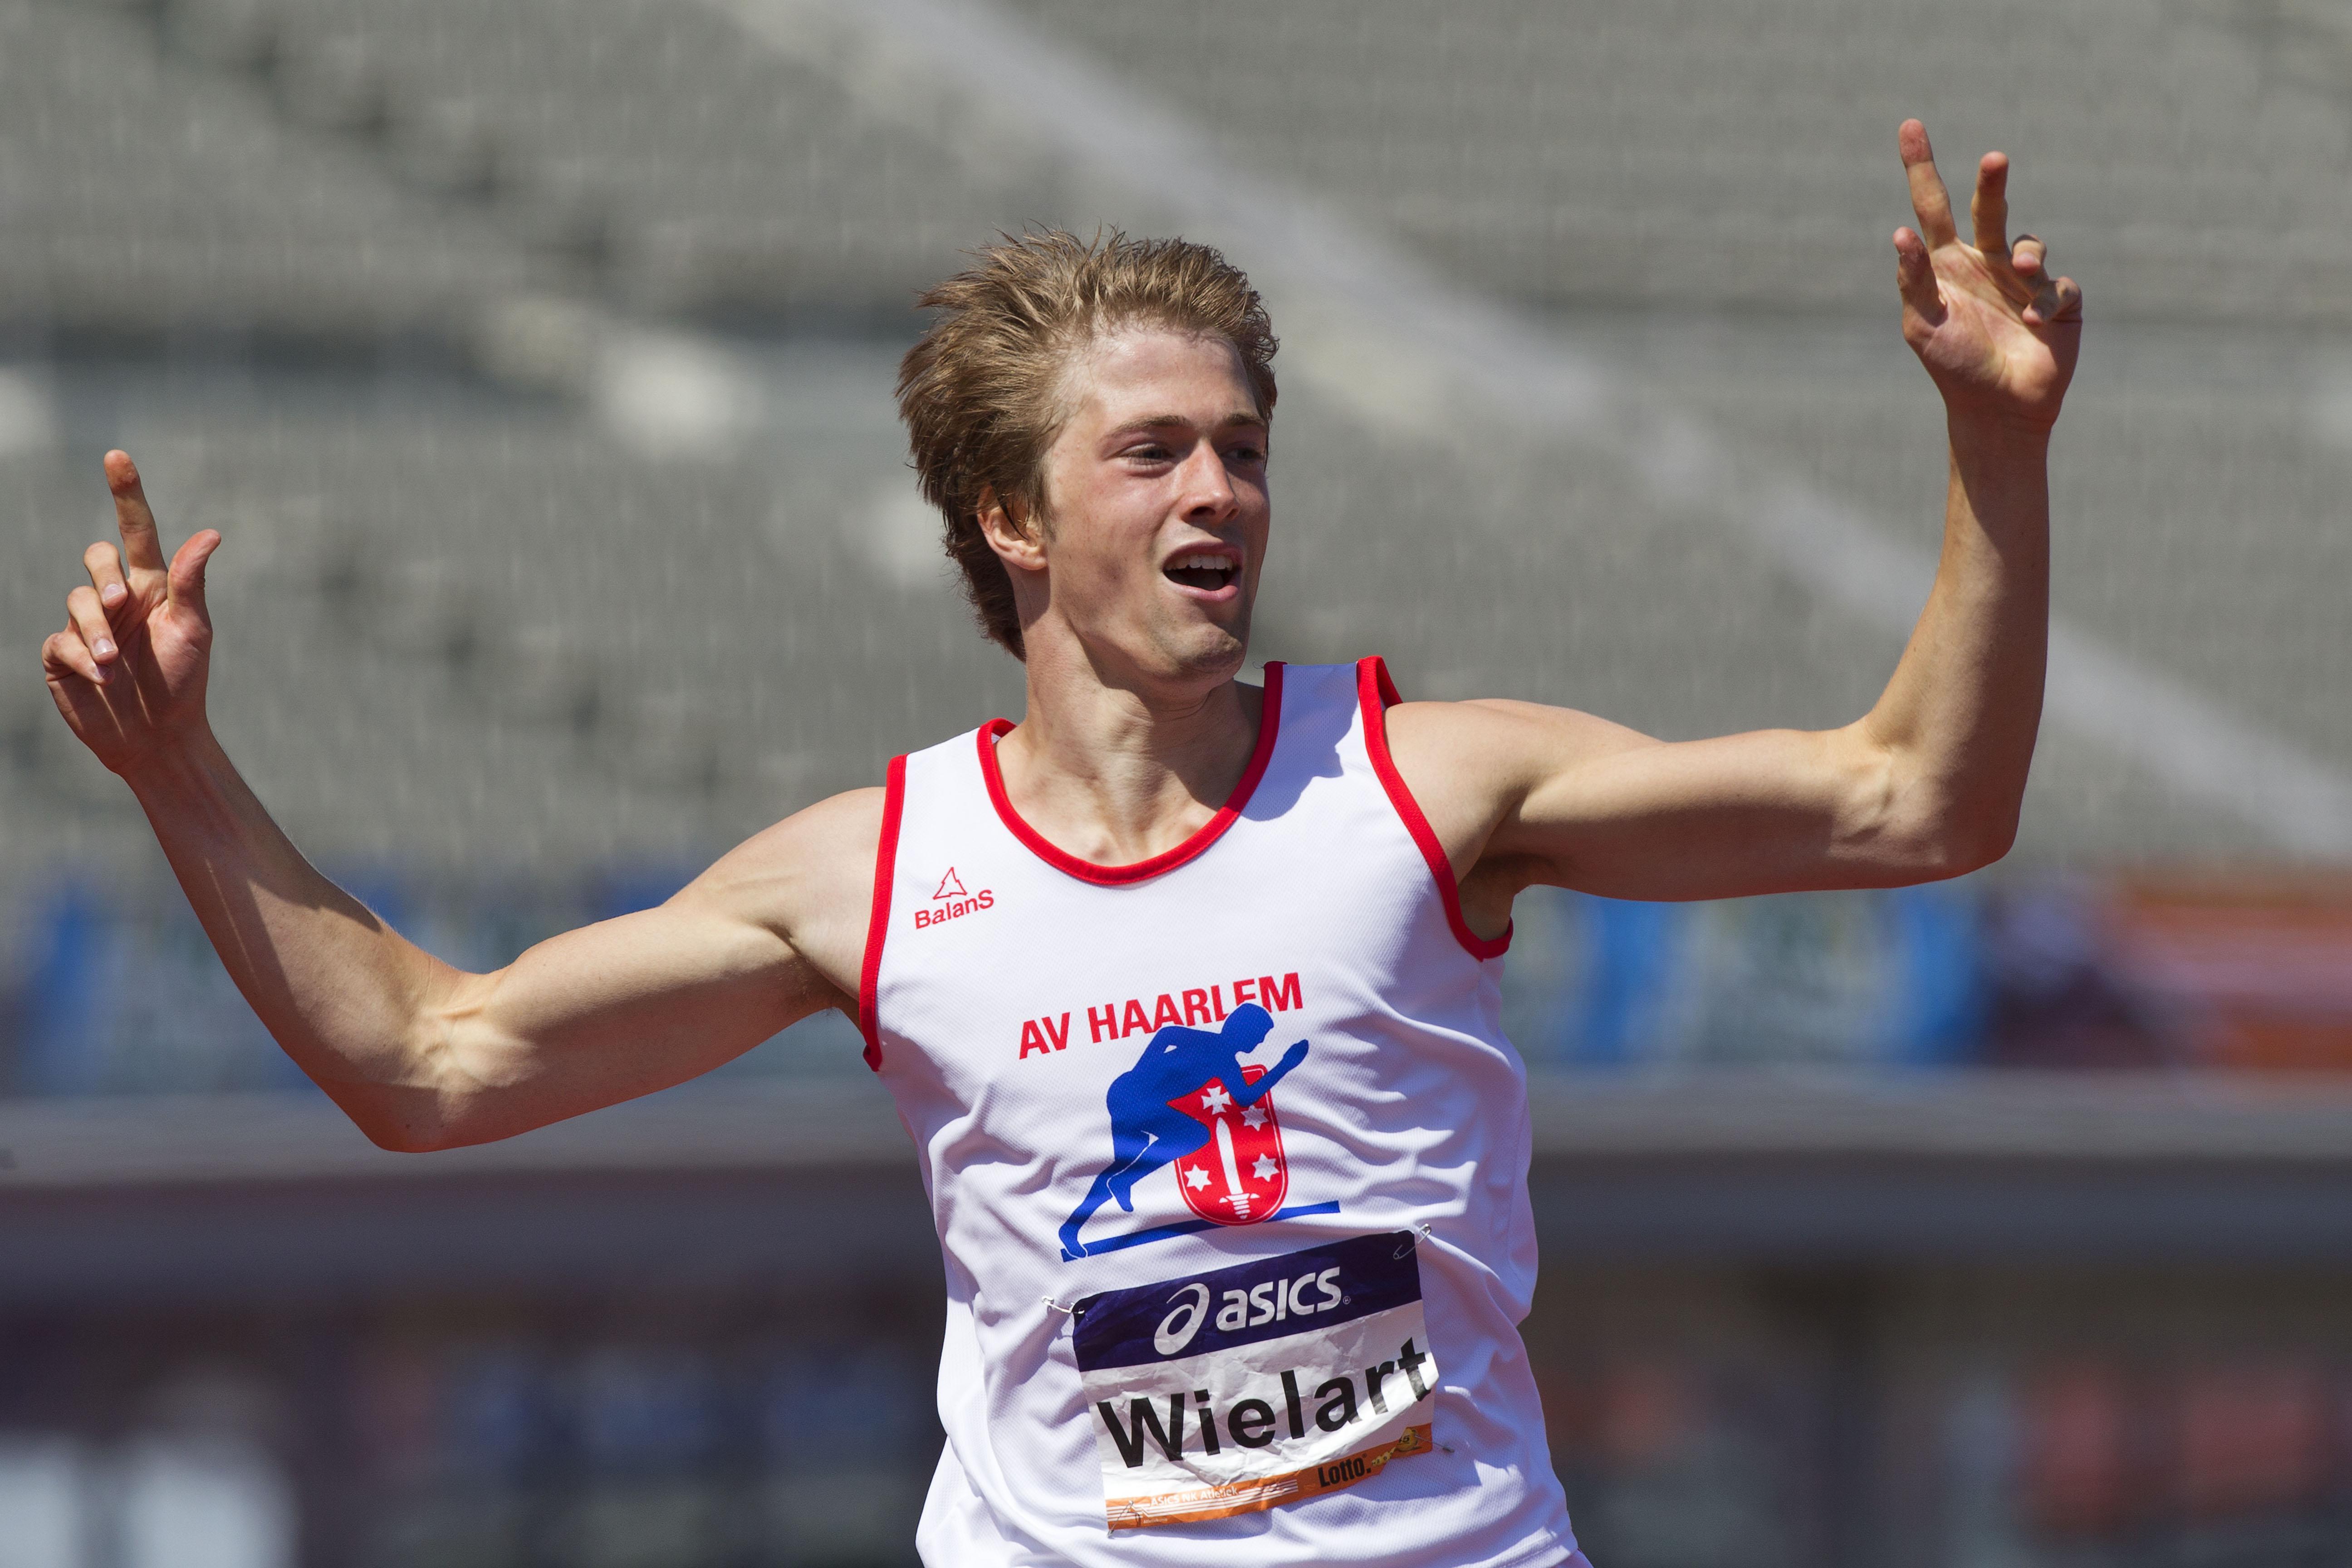 Wielart van AV Haarlem met brons stap dichter bij Europees Kampioenschap